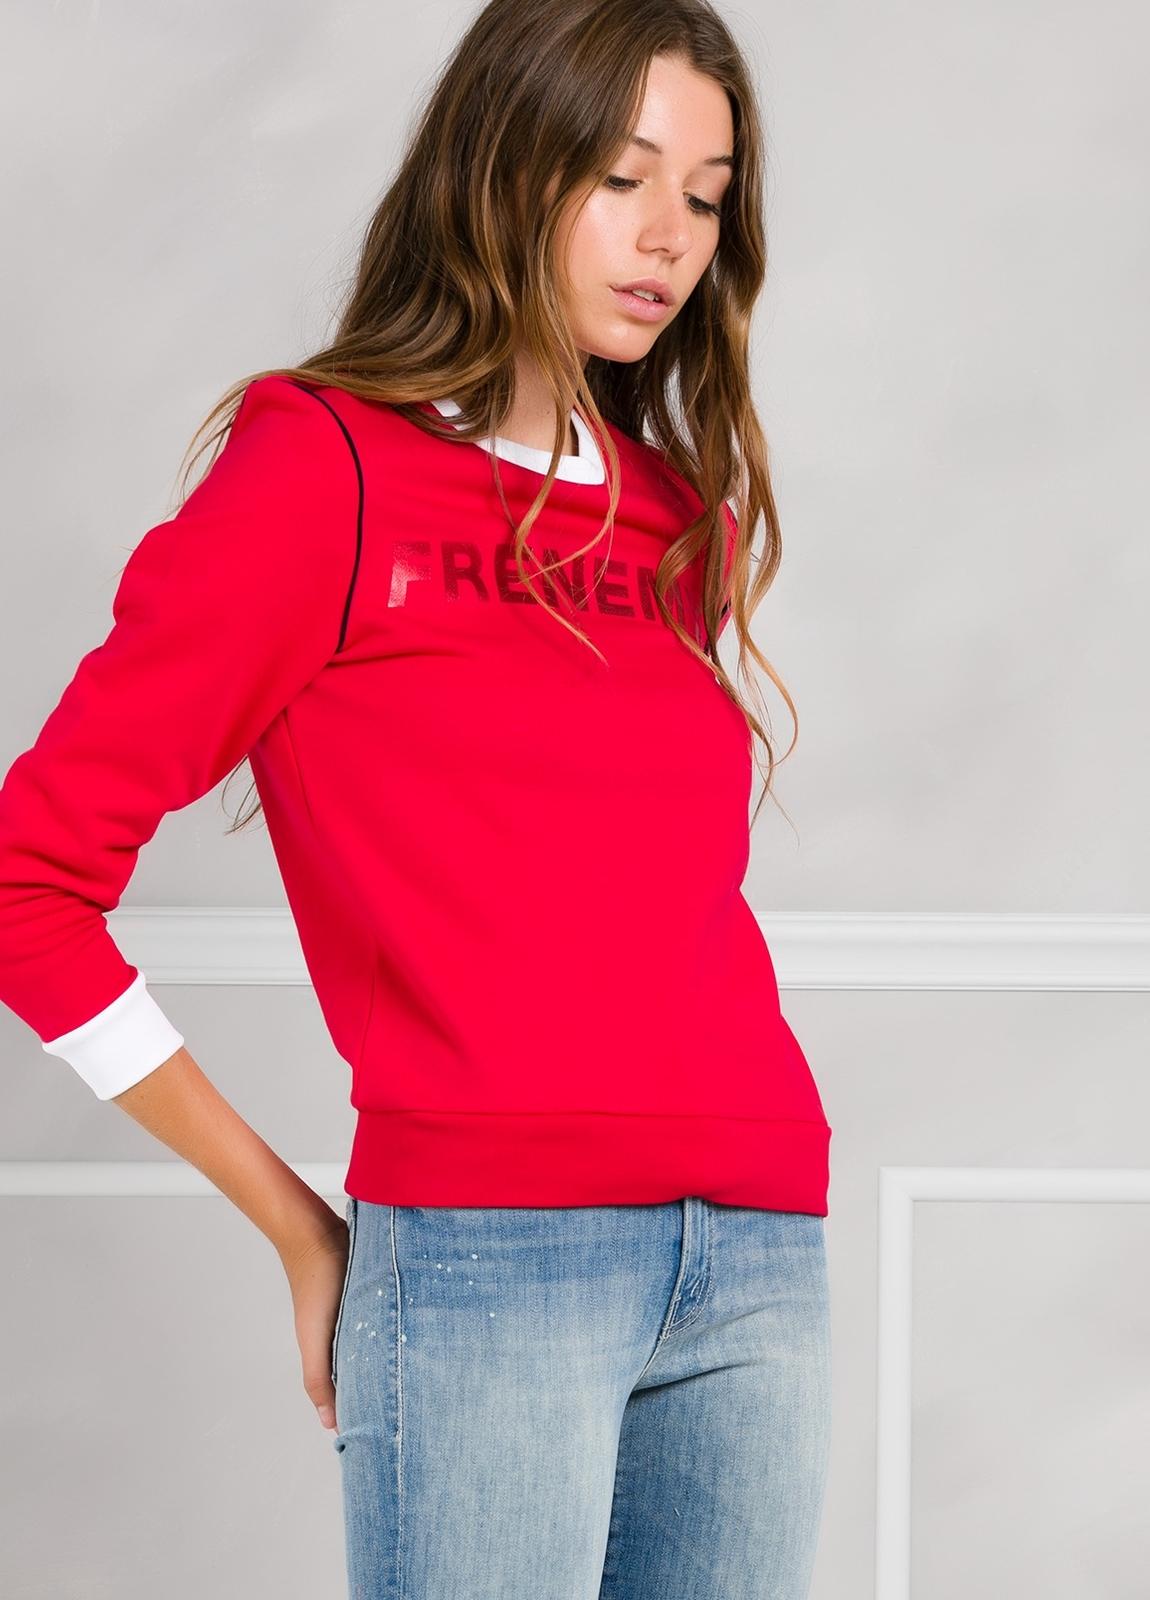 Jersey sport color rojo con estampado gráfico y cintura y puños en contraste. 100% Algodón.